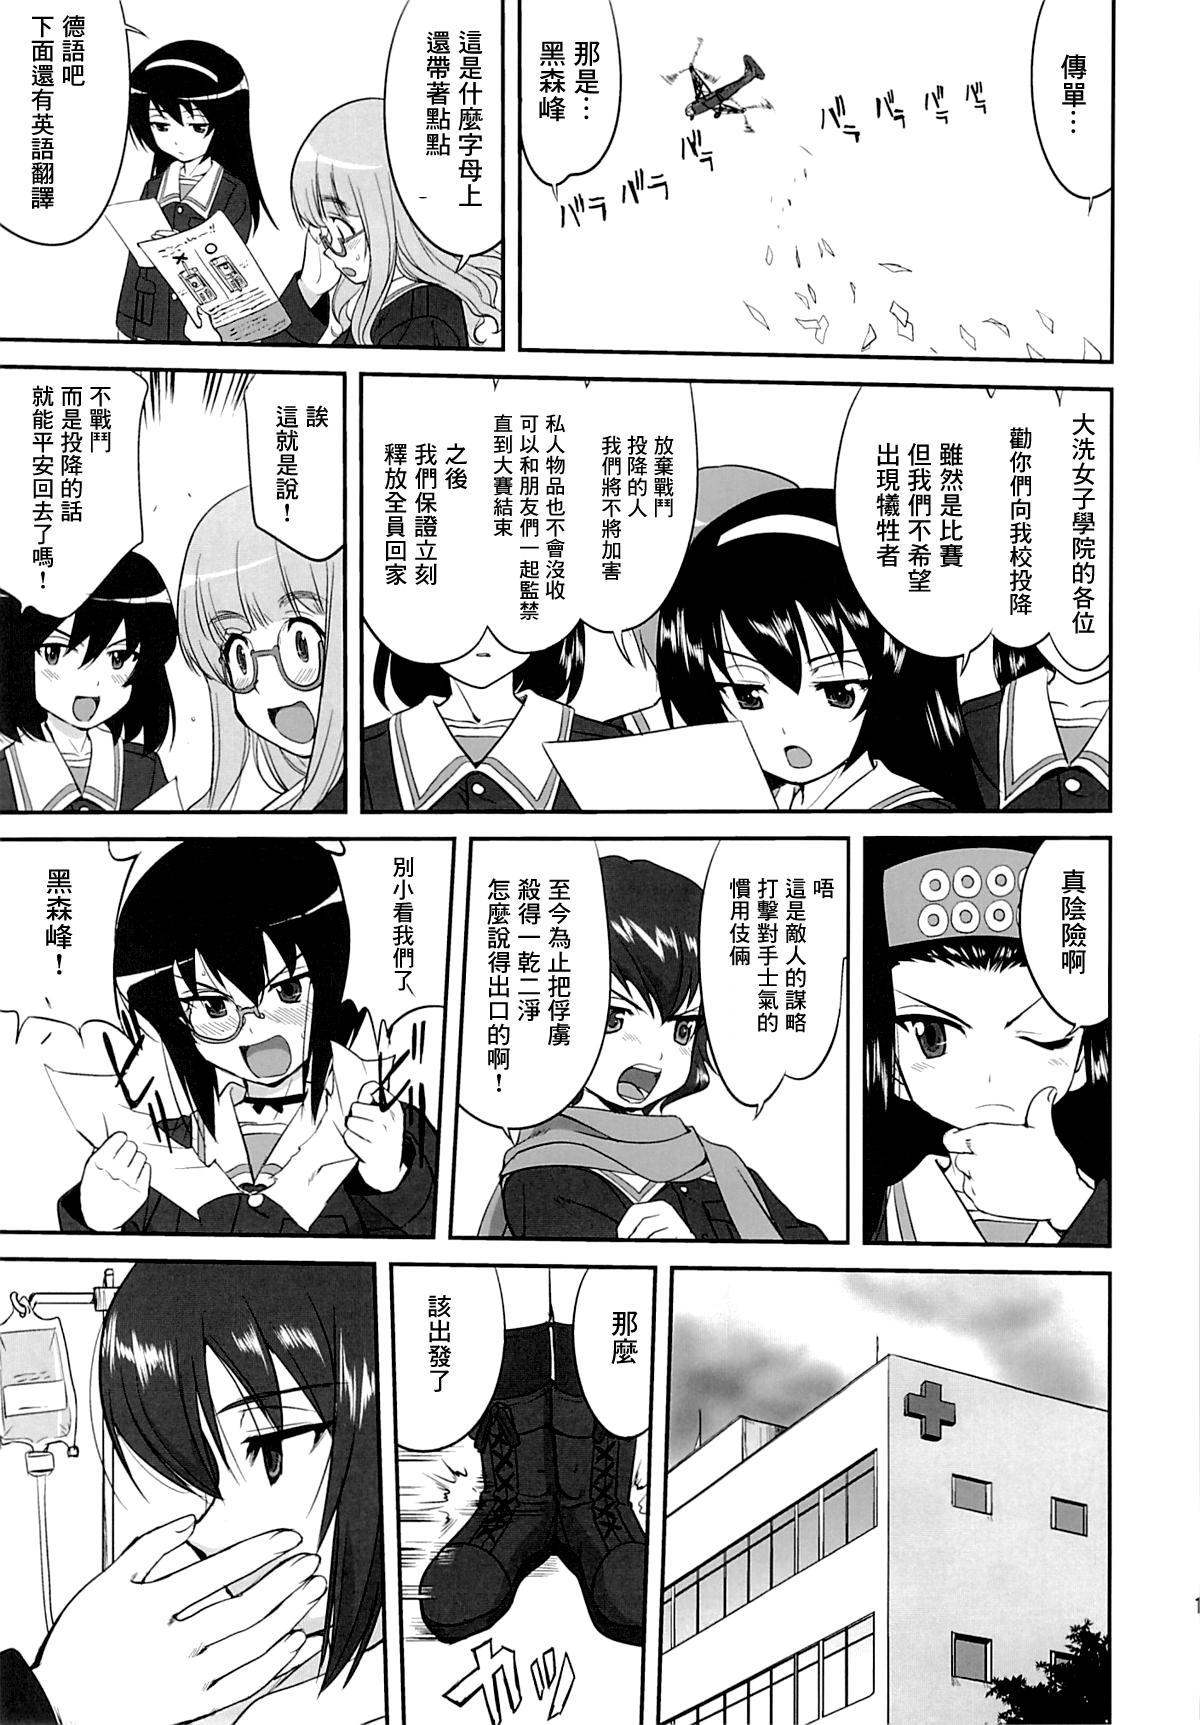 Yukiyukite Senshadou Kuromorimine no Tatakai 17